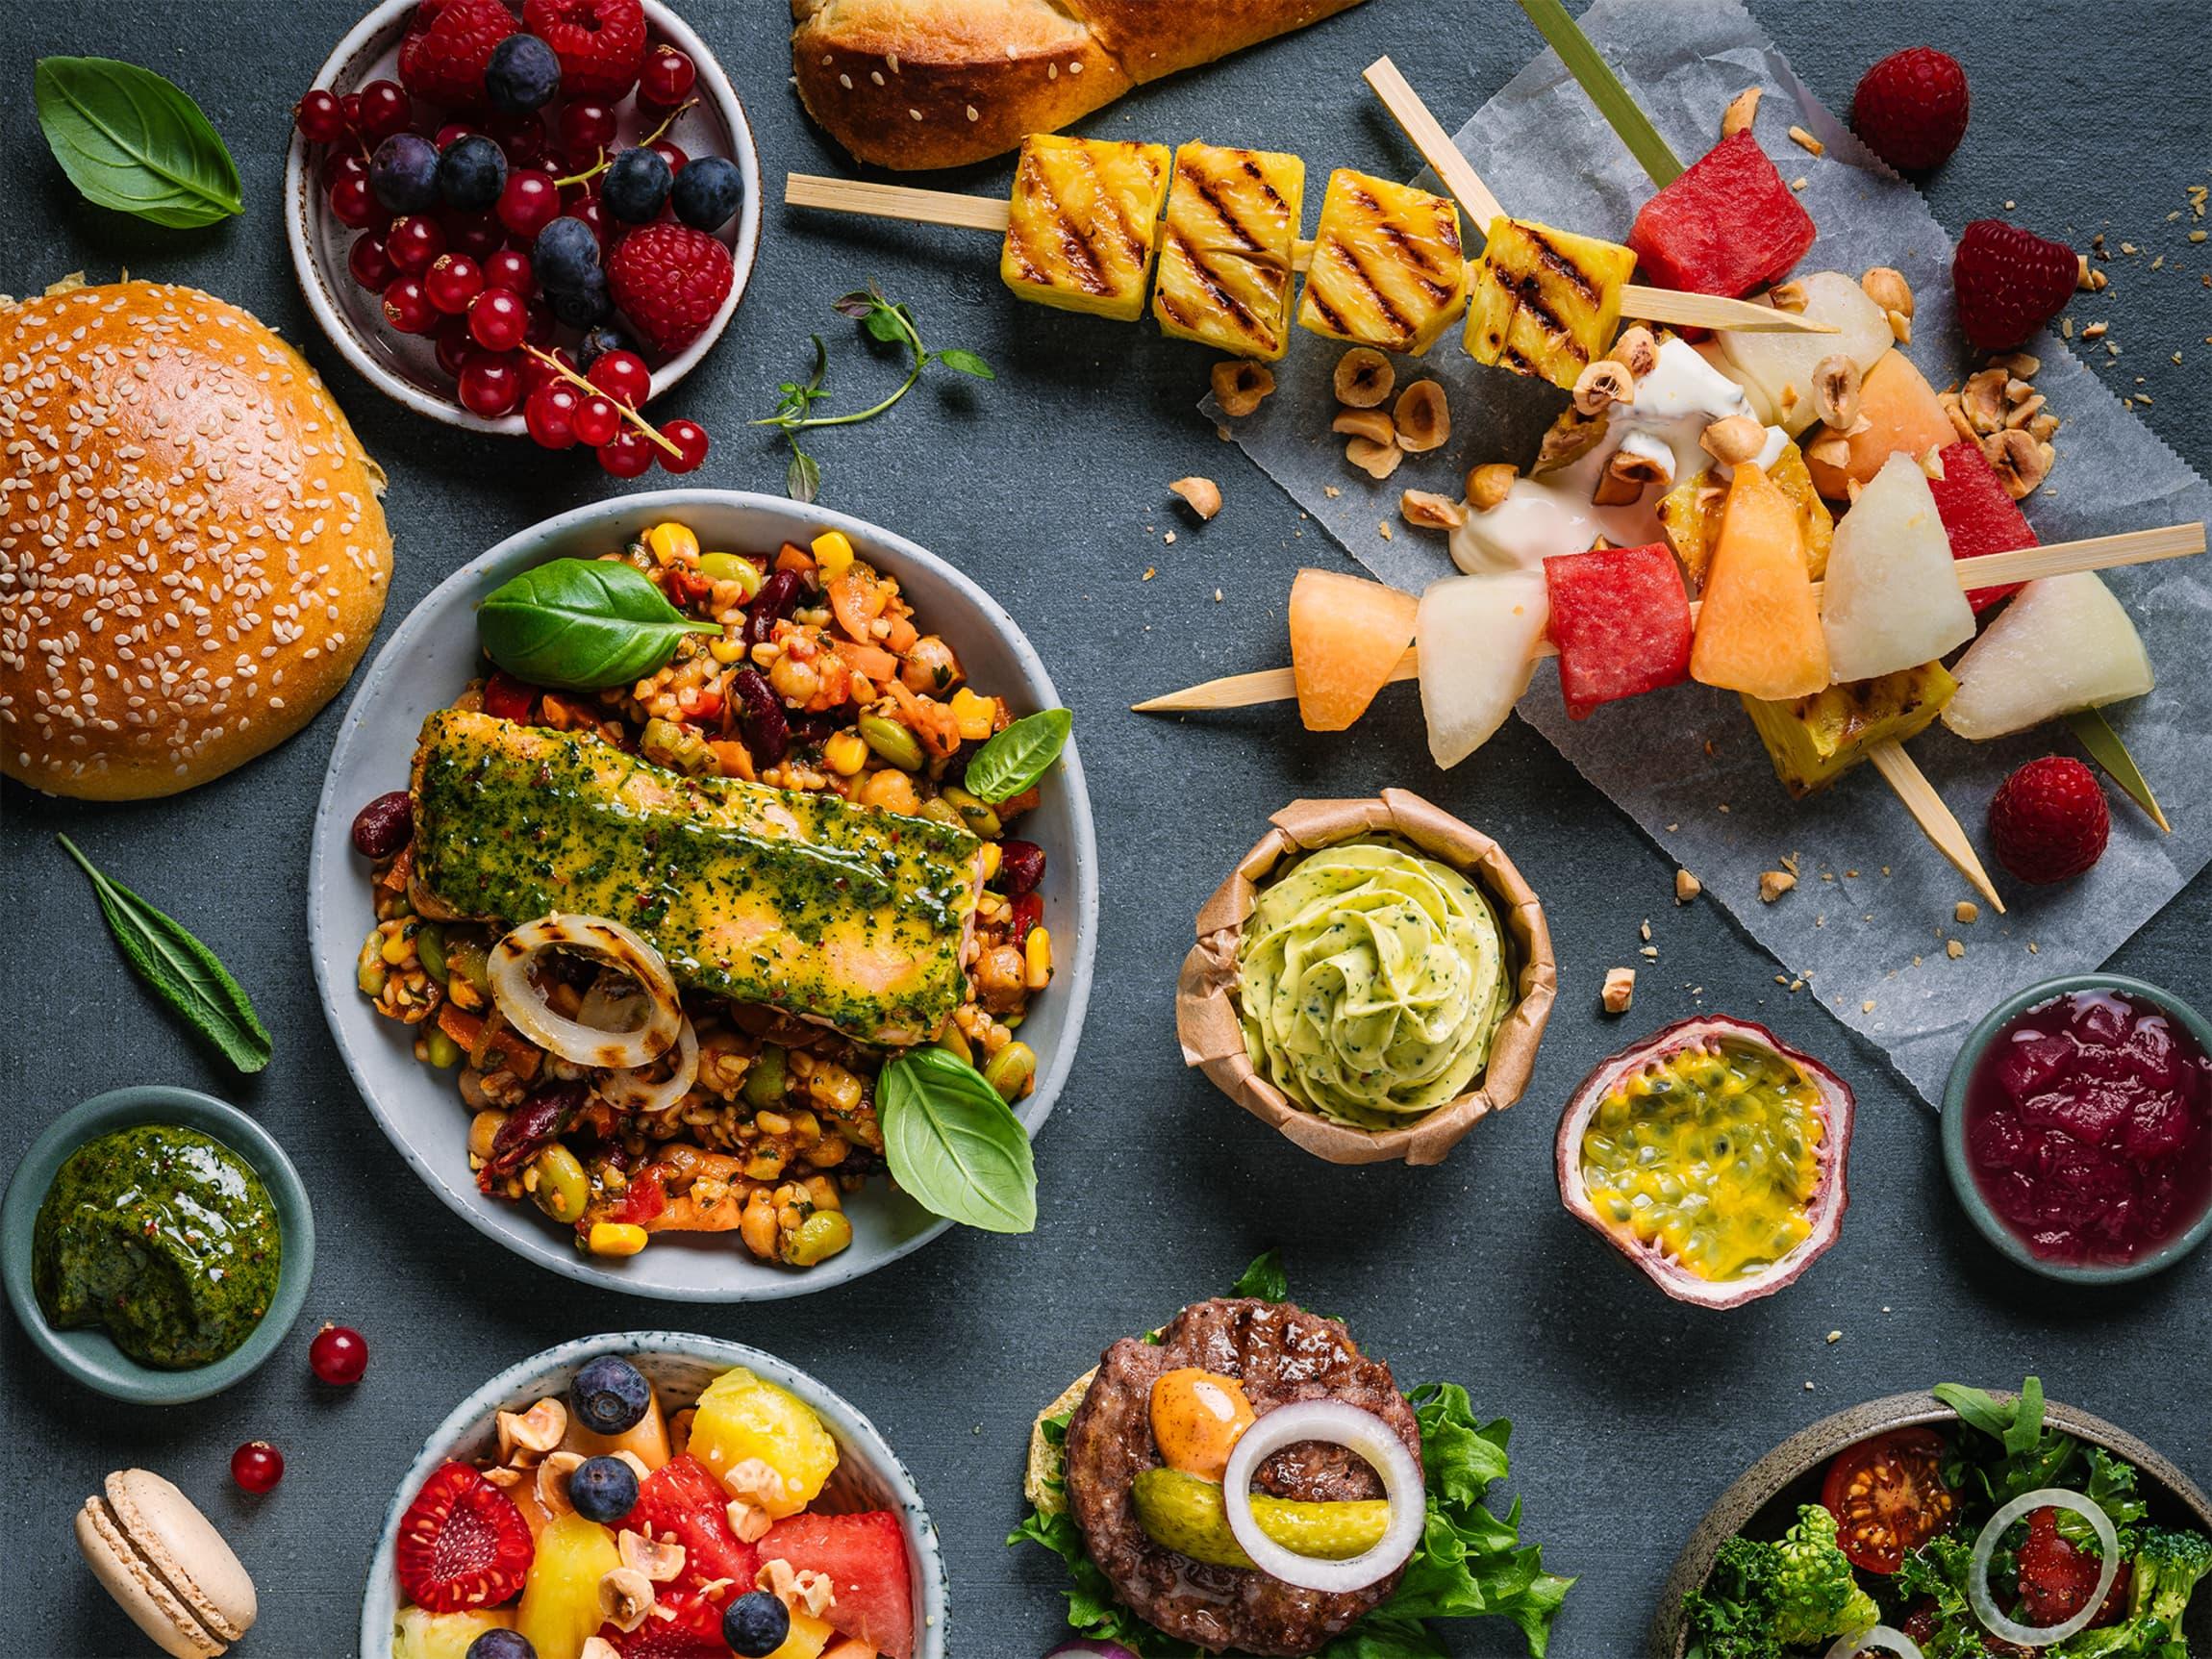 Grønnere middager - enten som tilbehør eller fullverdige vegetarmåltider kommer til å prege grillsesongen i 2020.